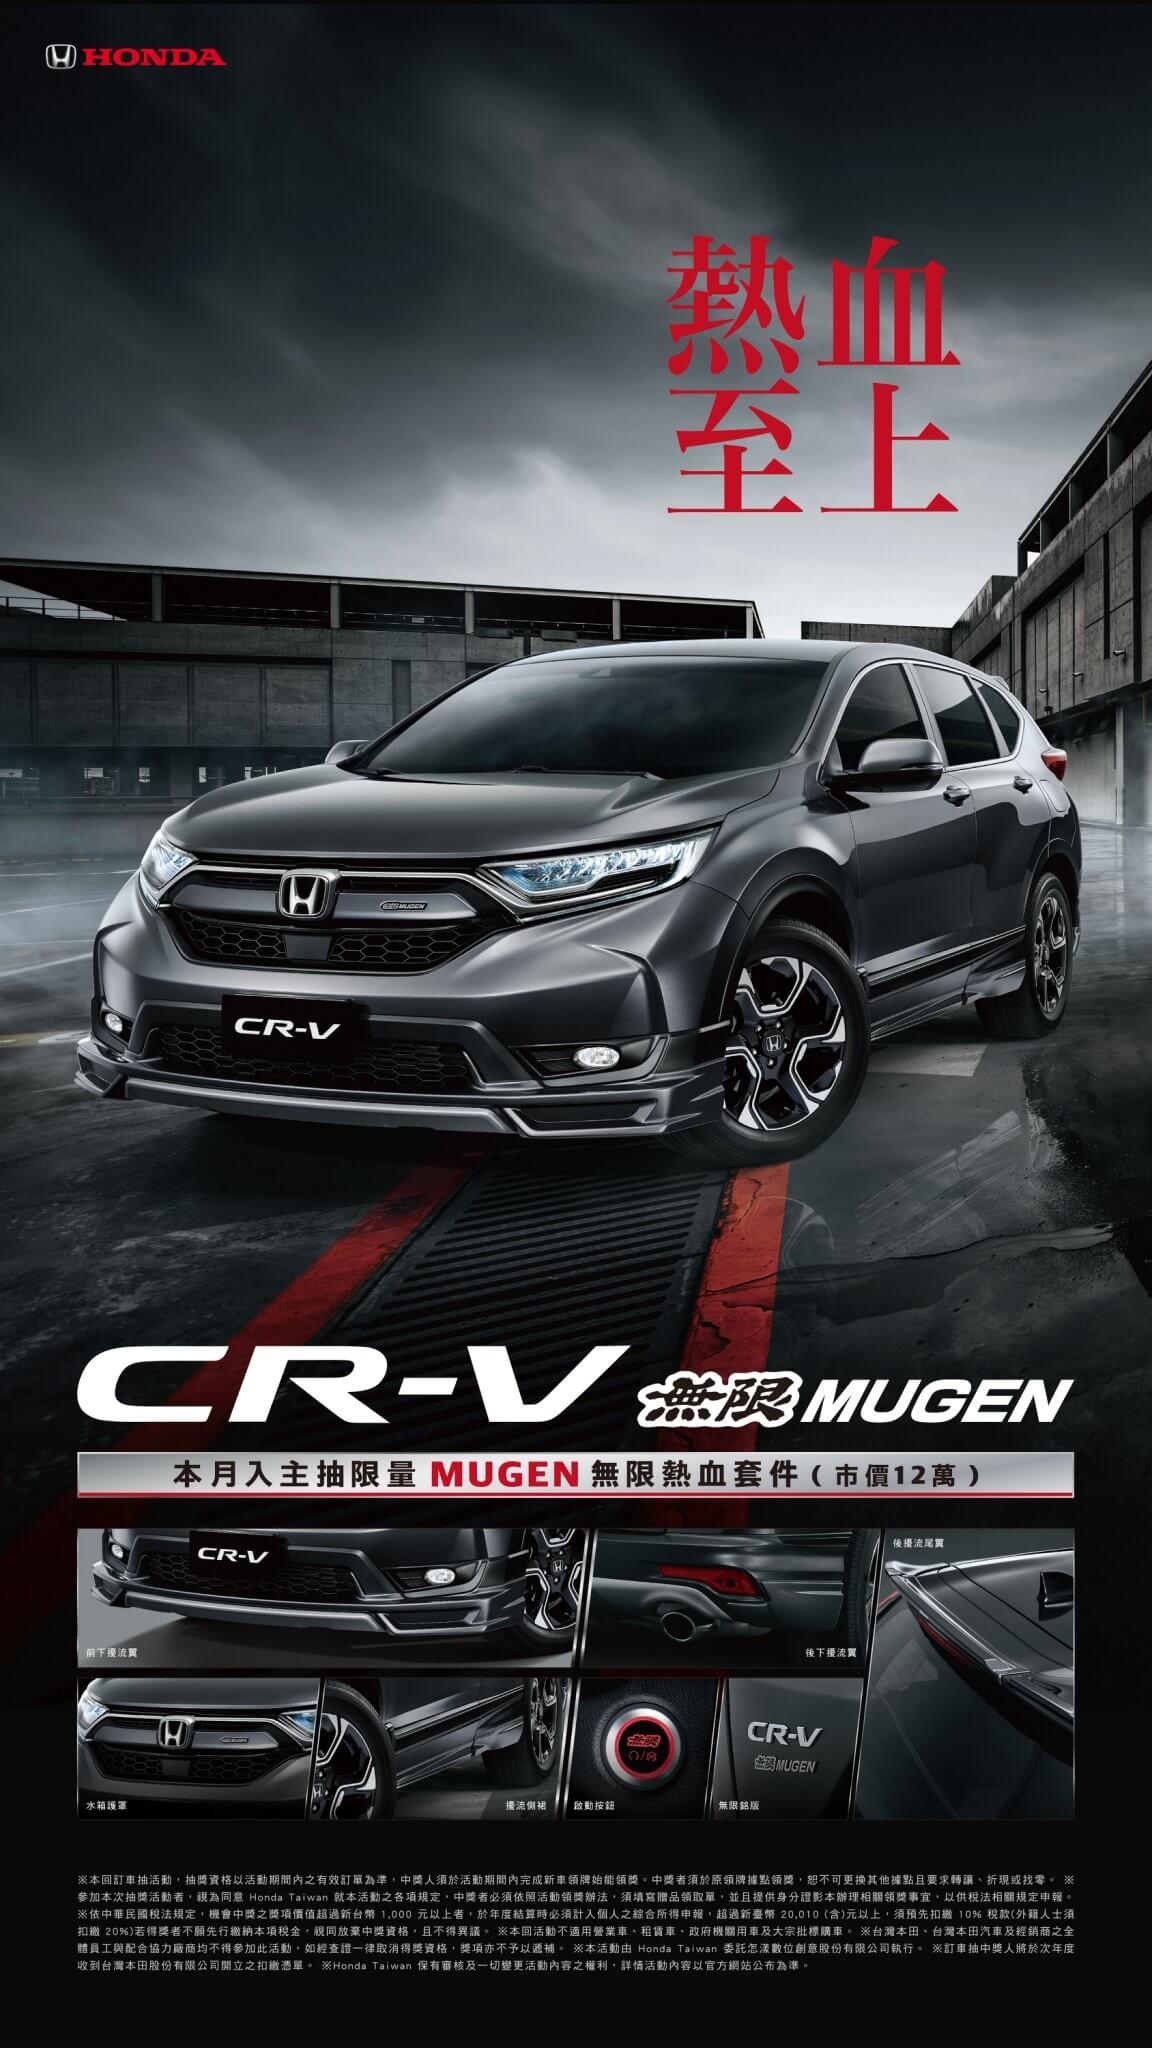 2019 CR-V MUGEN.jpeg